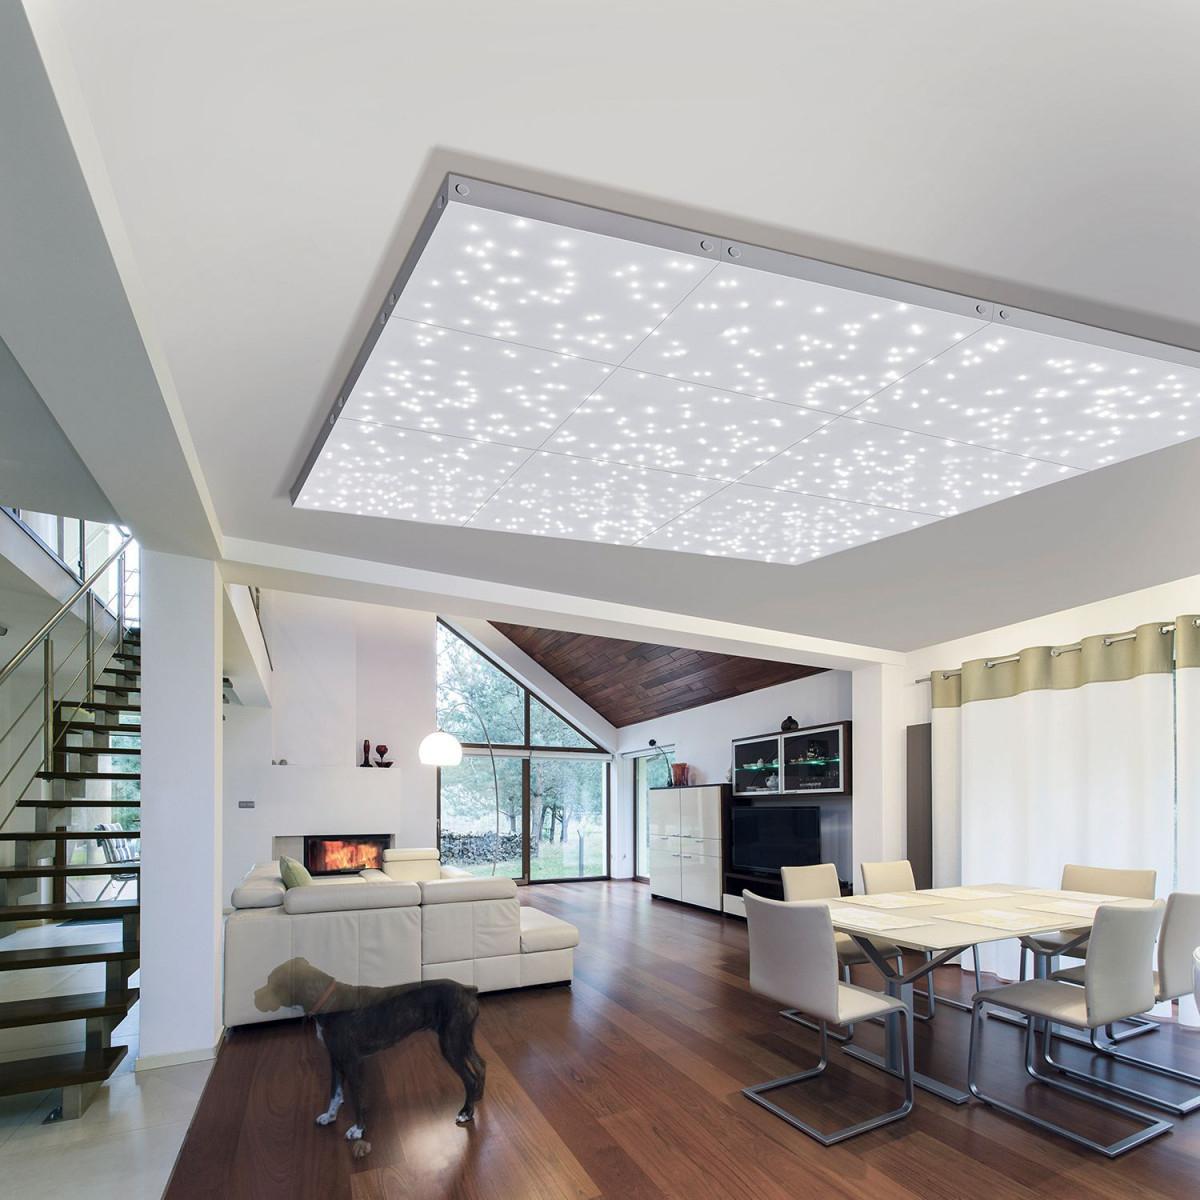 Lederweiterungspaneel Sternenhimmel (Mit Bildern von Deckenleuchte Großes Wohnzimmer Bild